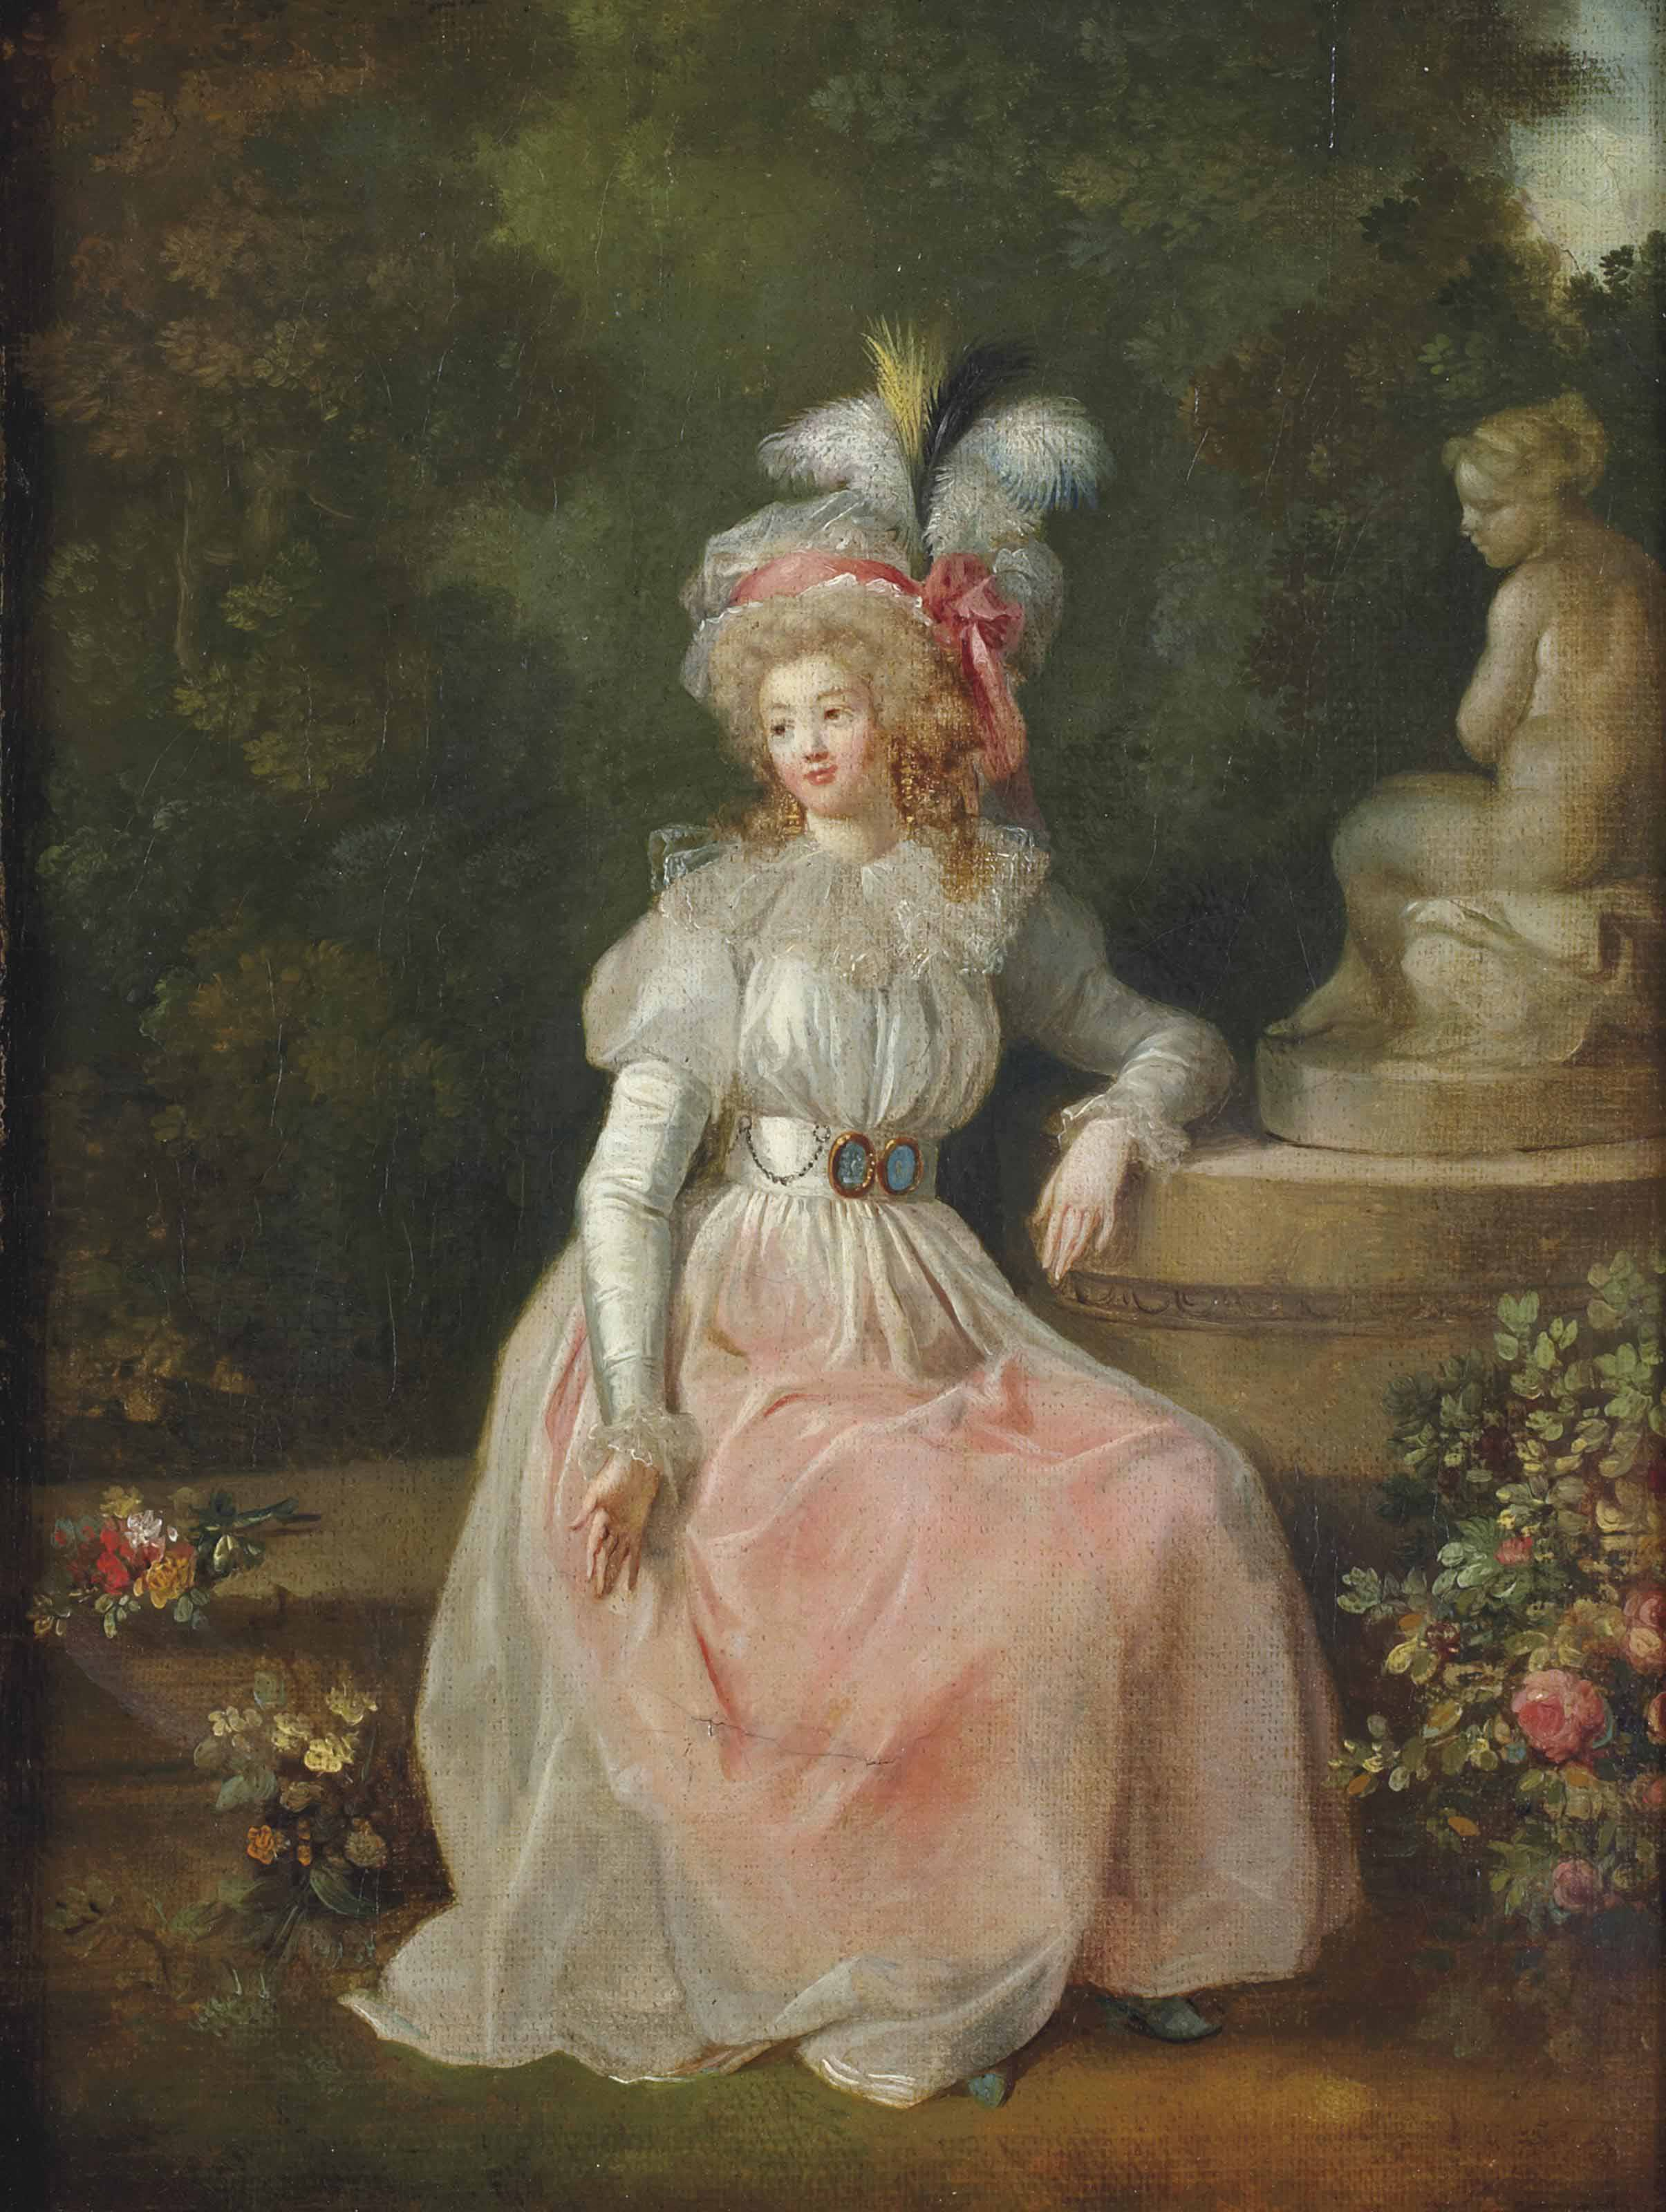 Une dame assise dans un parc